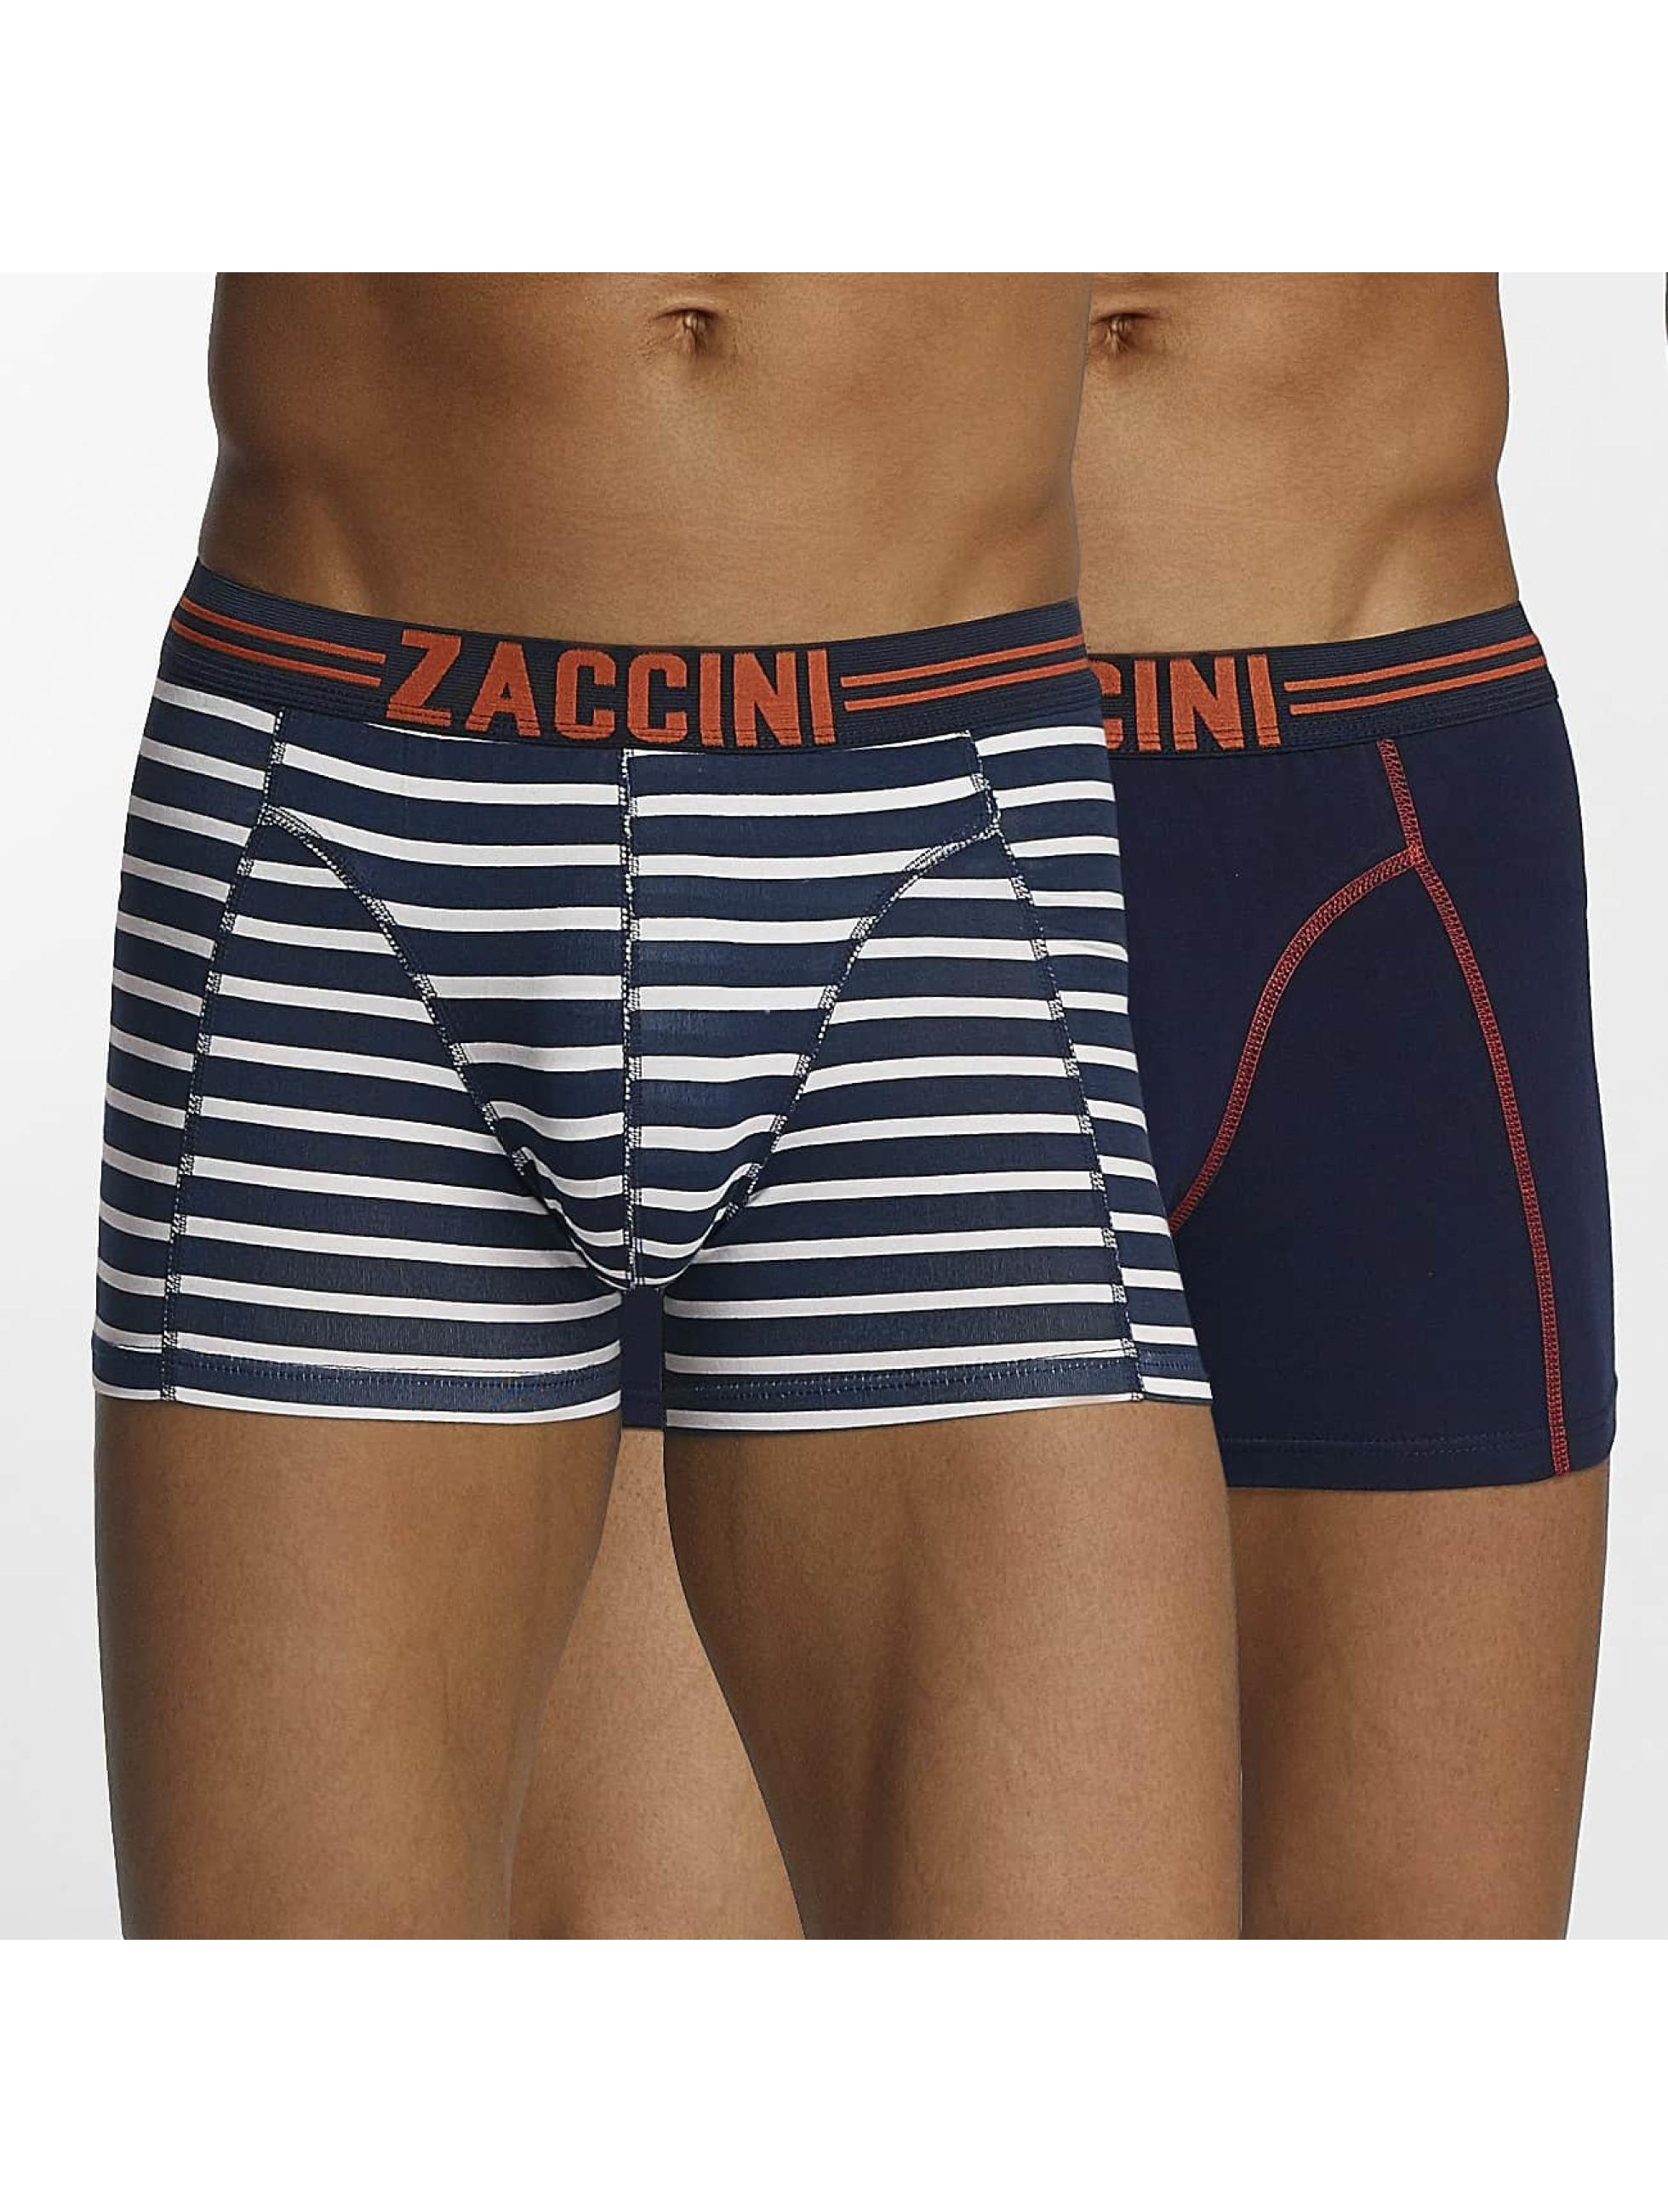 Zaccini Männer Boxershorts Stripe 2-Pack in blau